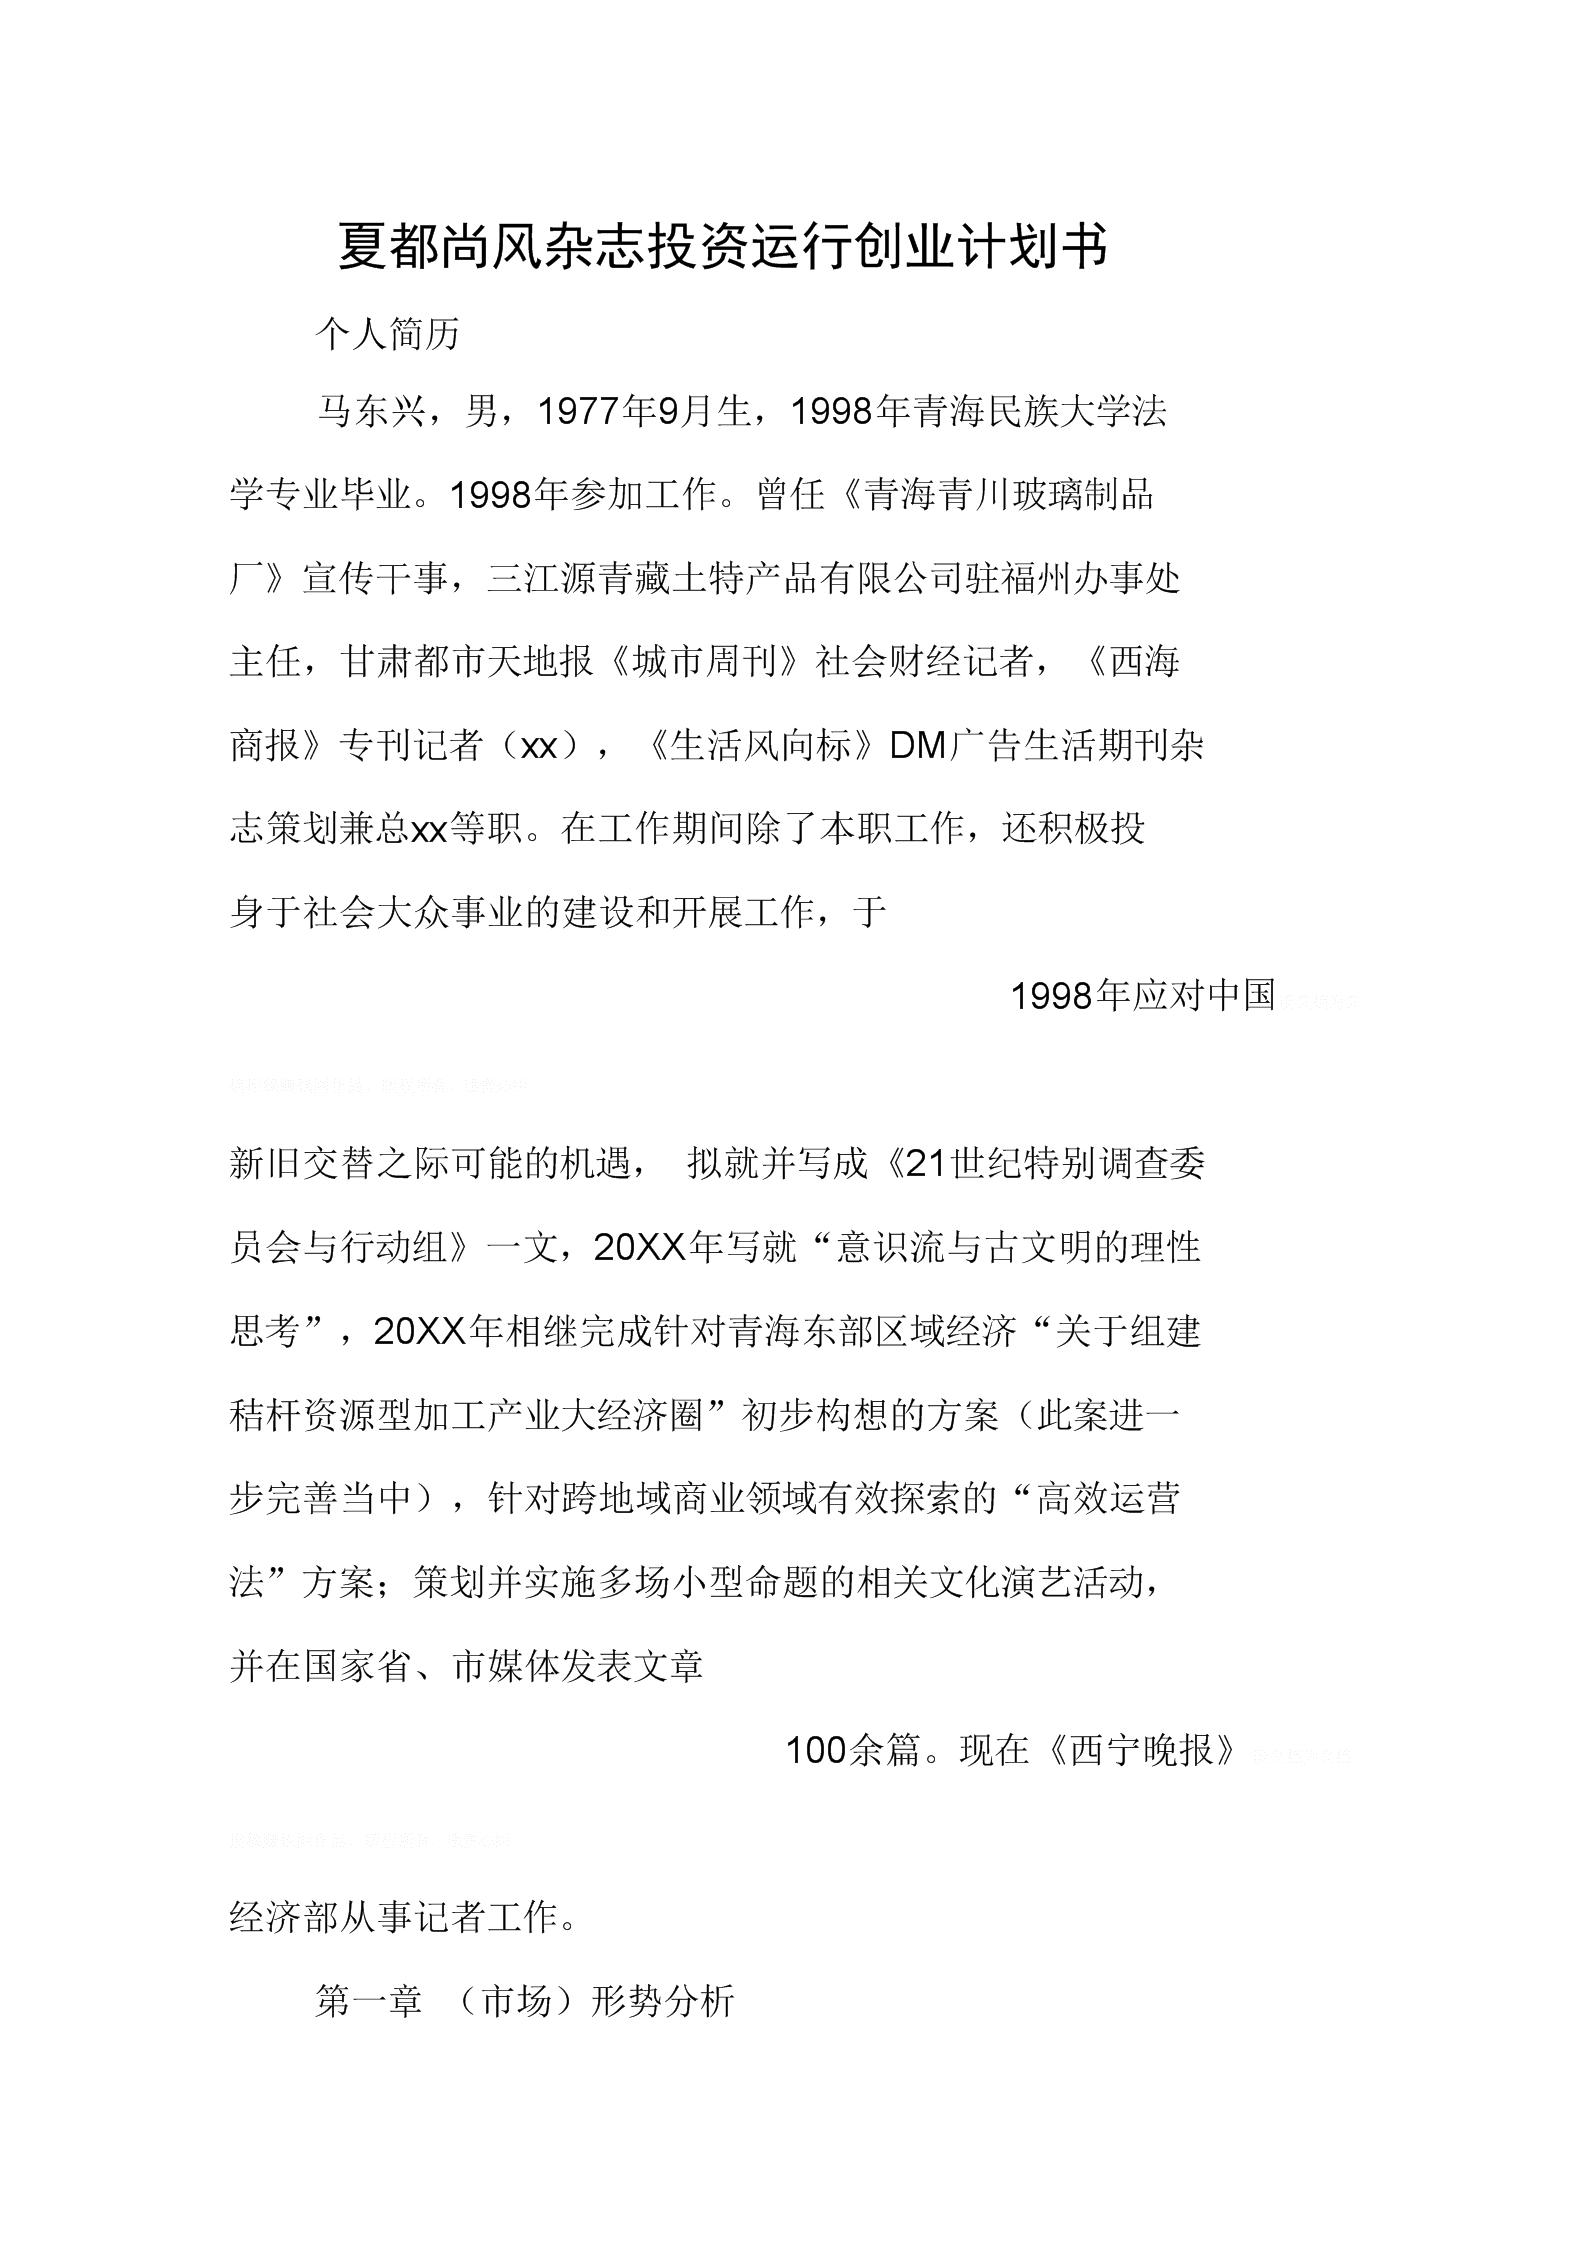 夏都尚风杂志投资运行创业计划书.docx